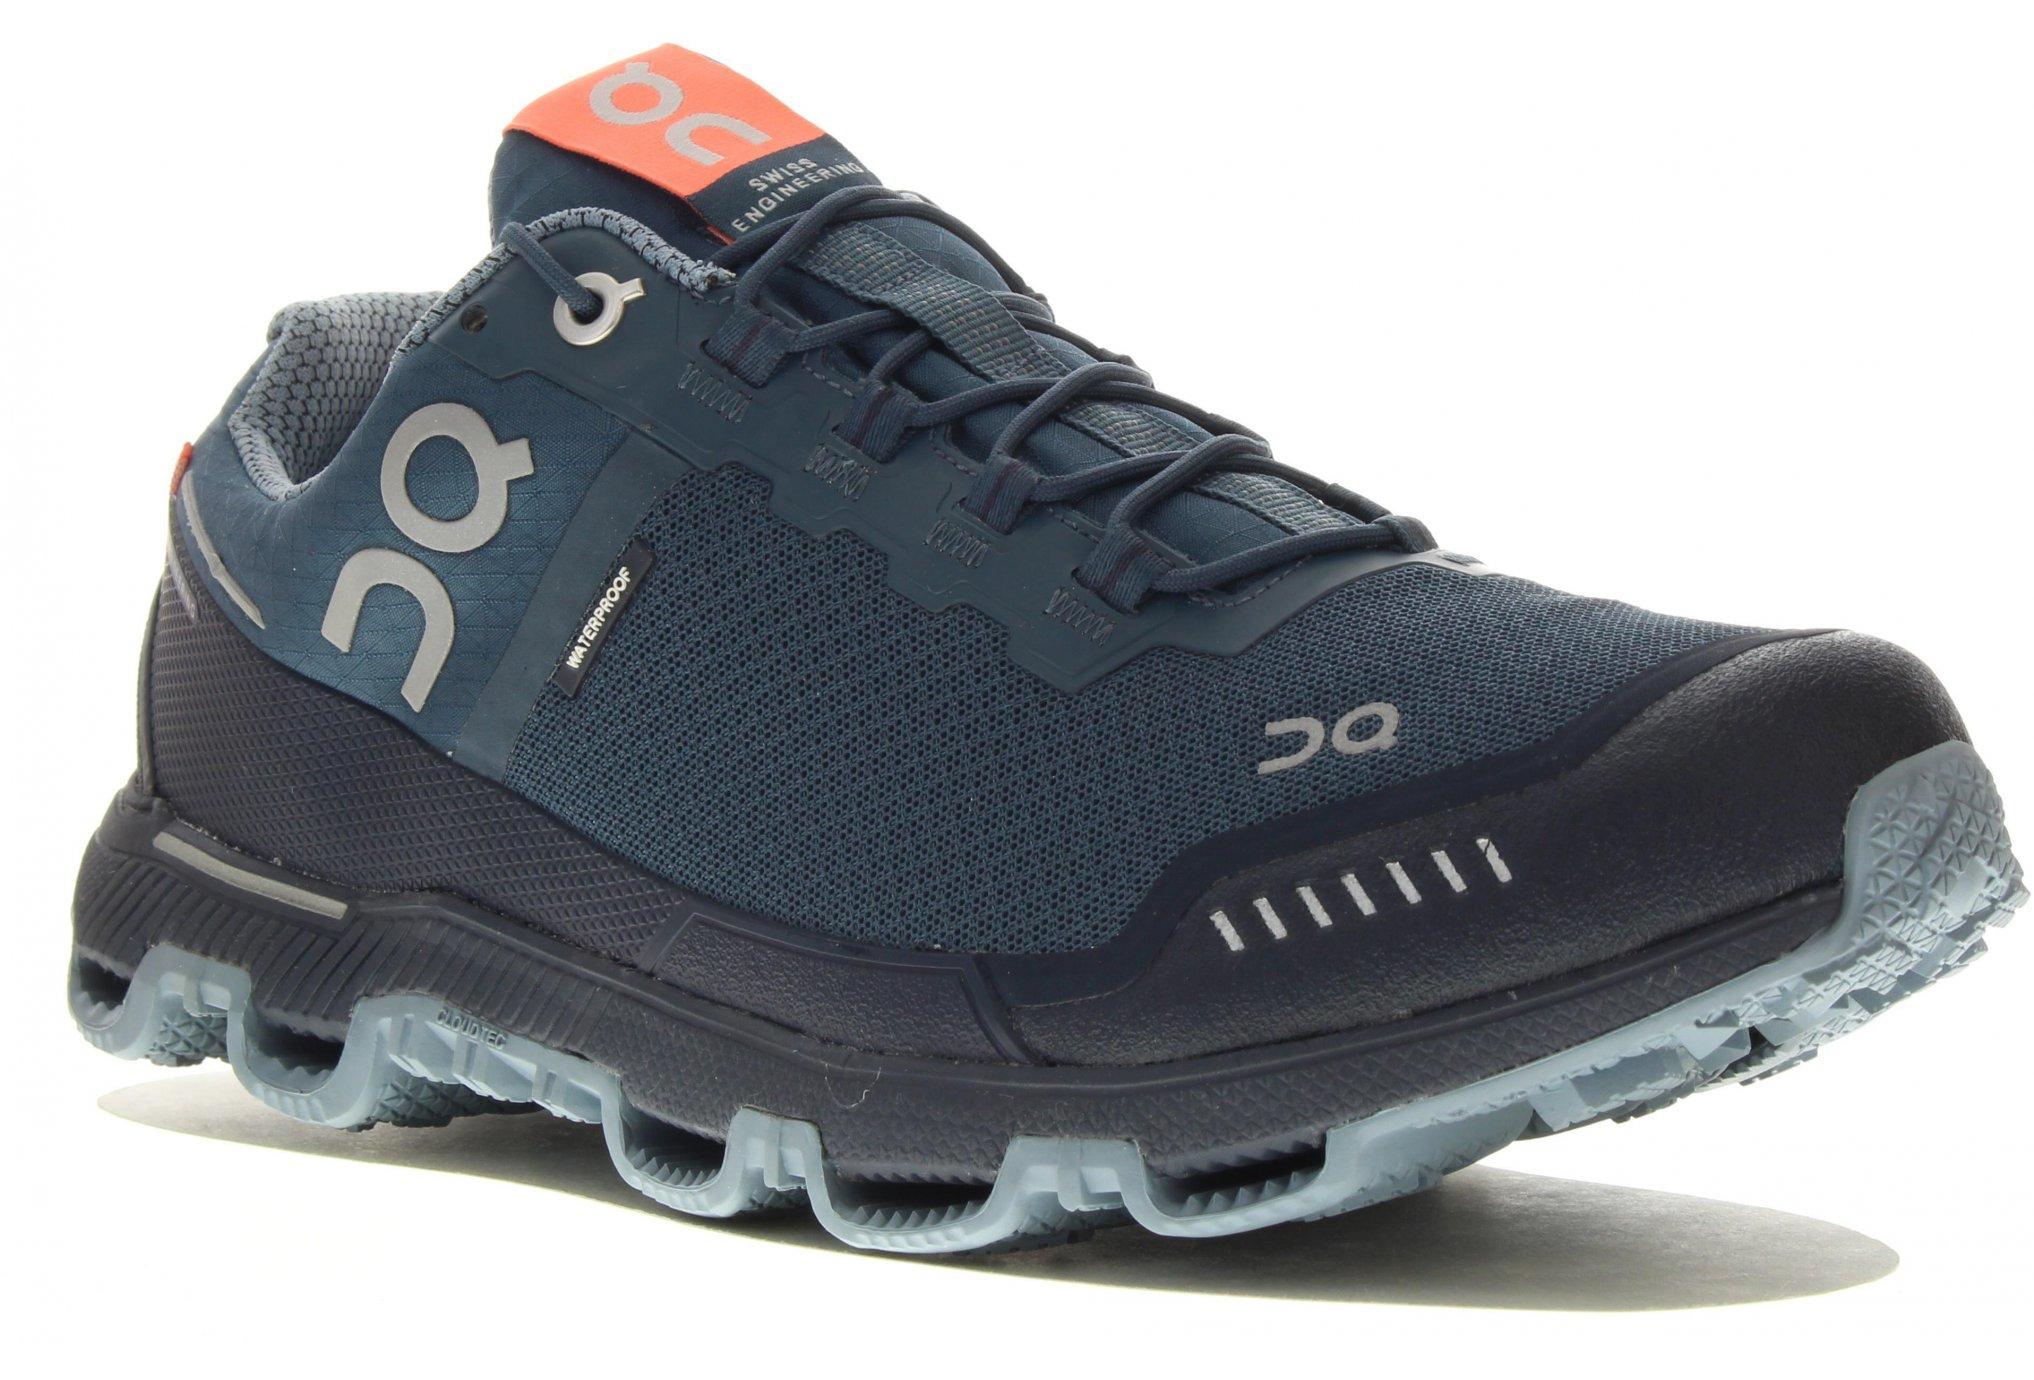 Chaussures running et trail : sélection pour courir dans des